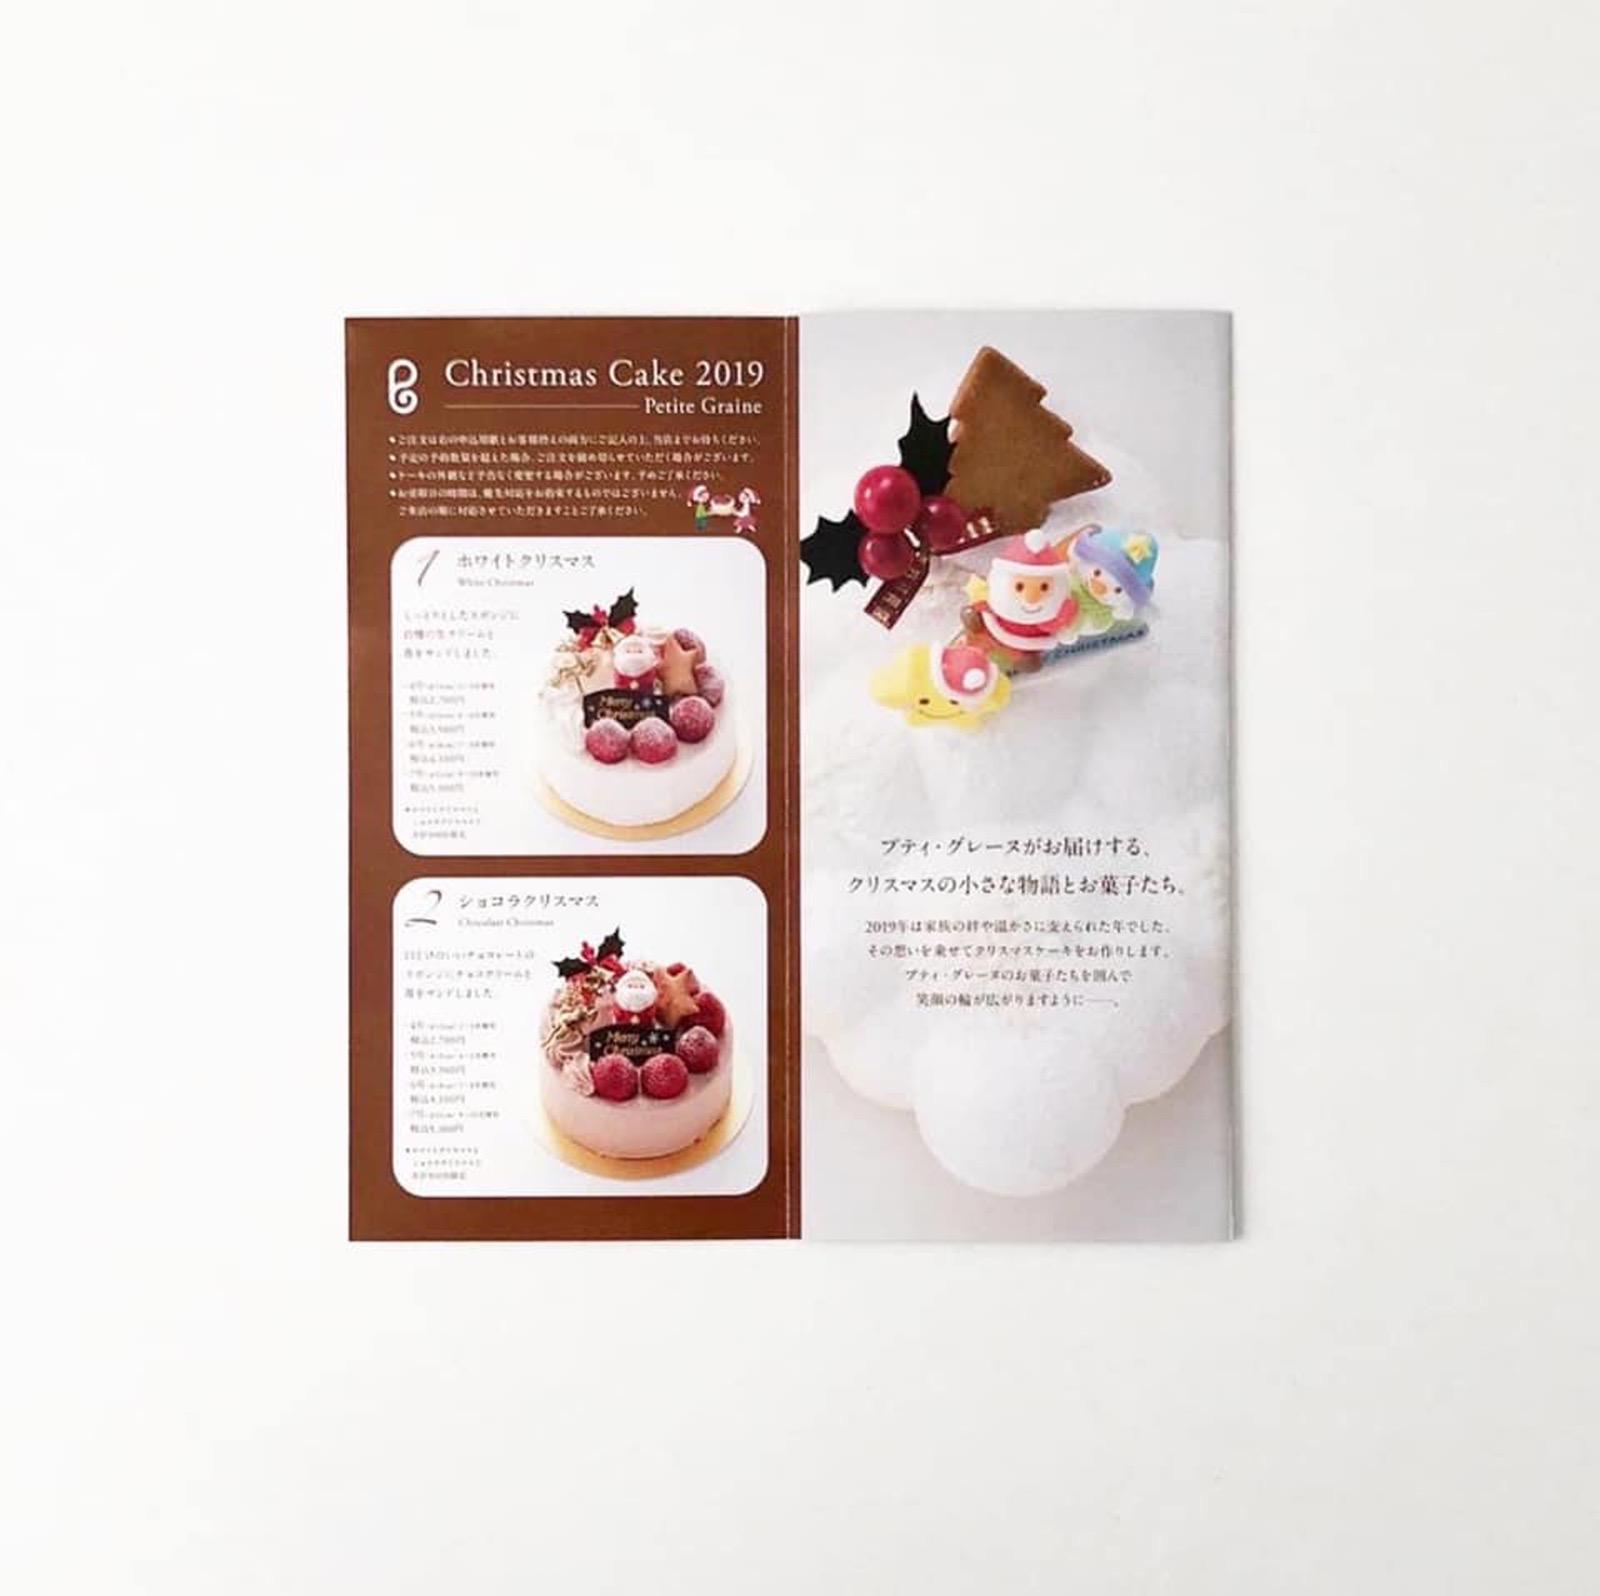 クリスマスケーキ 2019 リーフレット